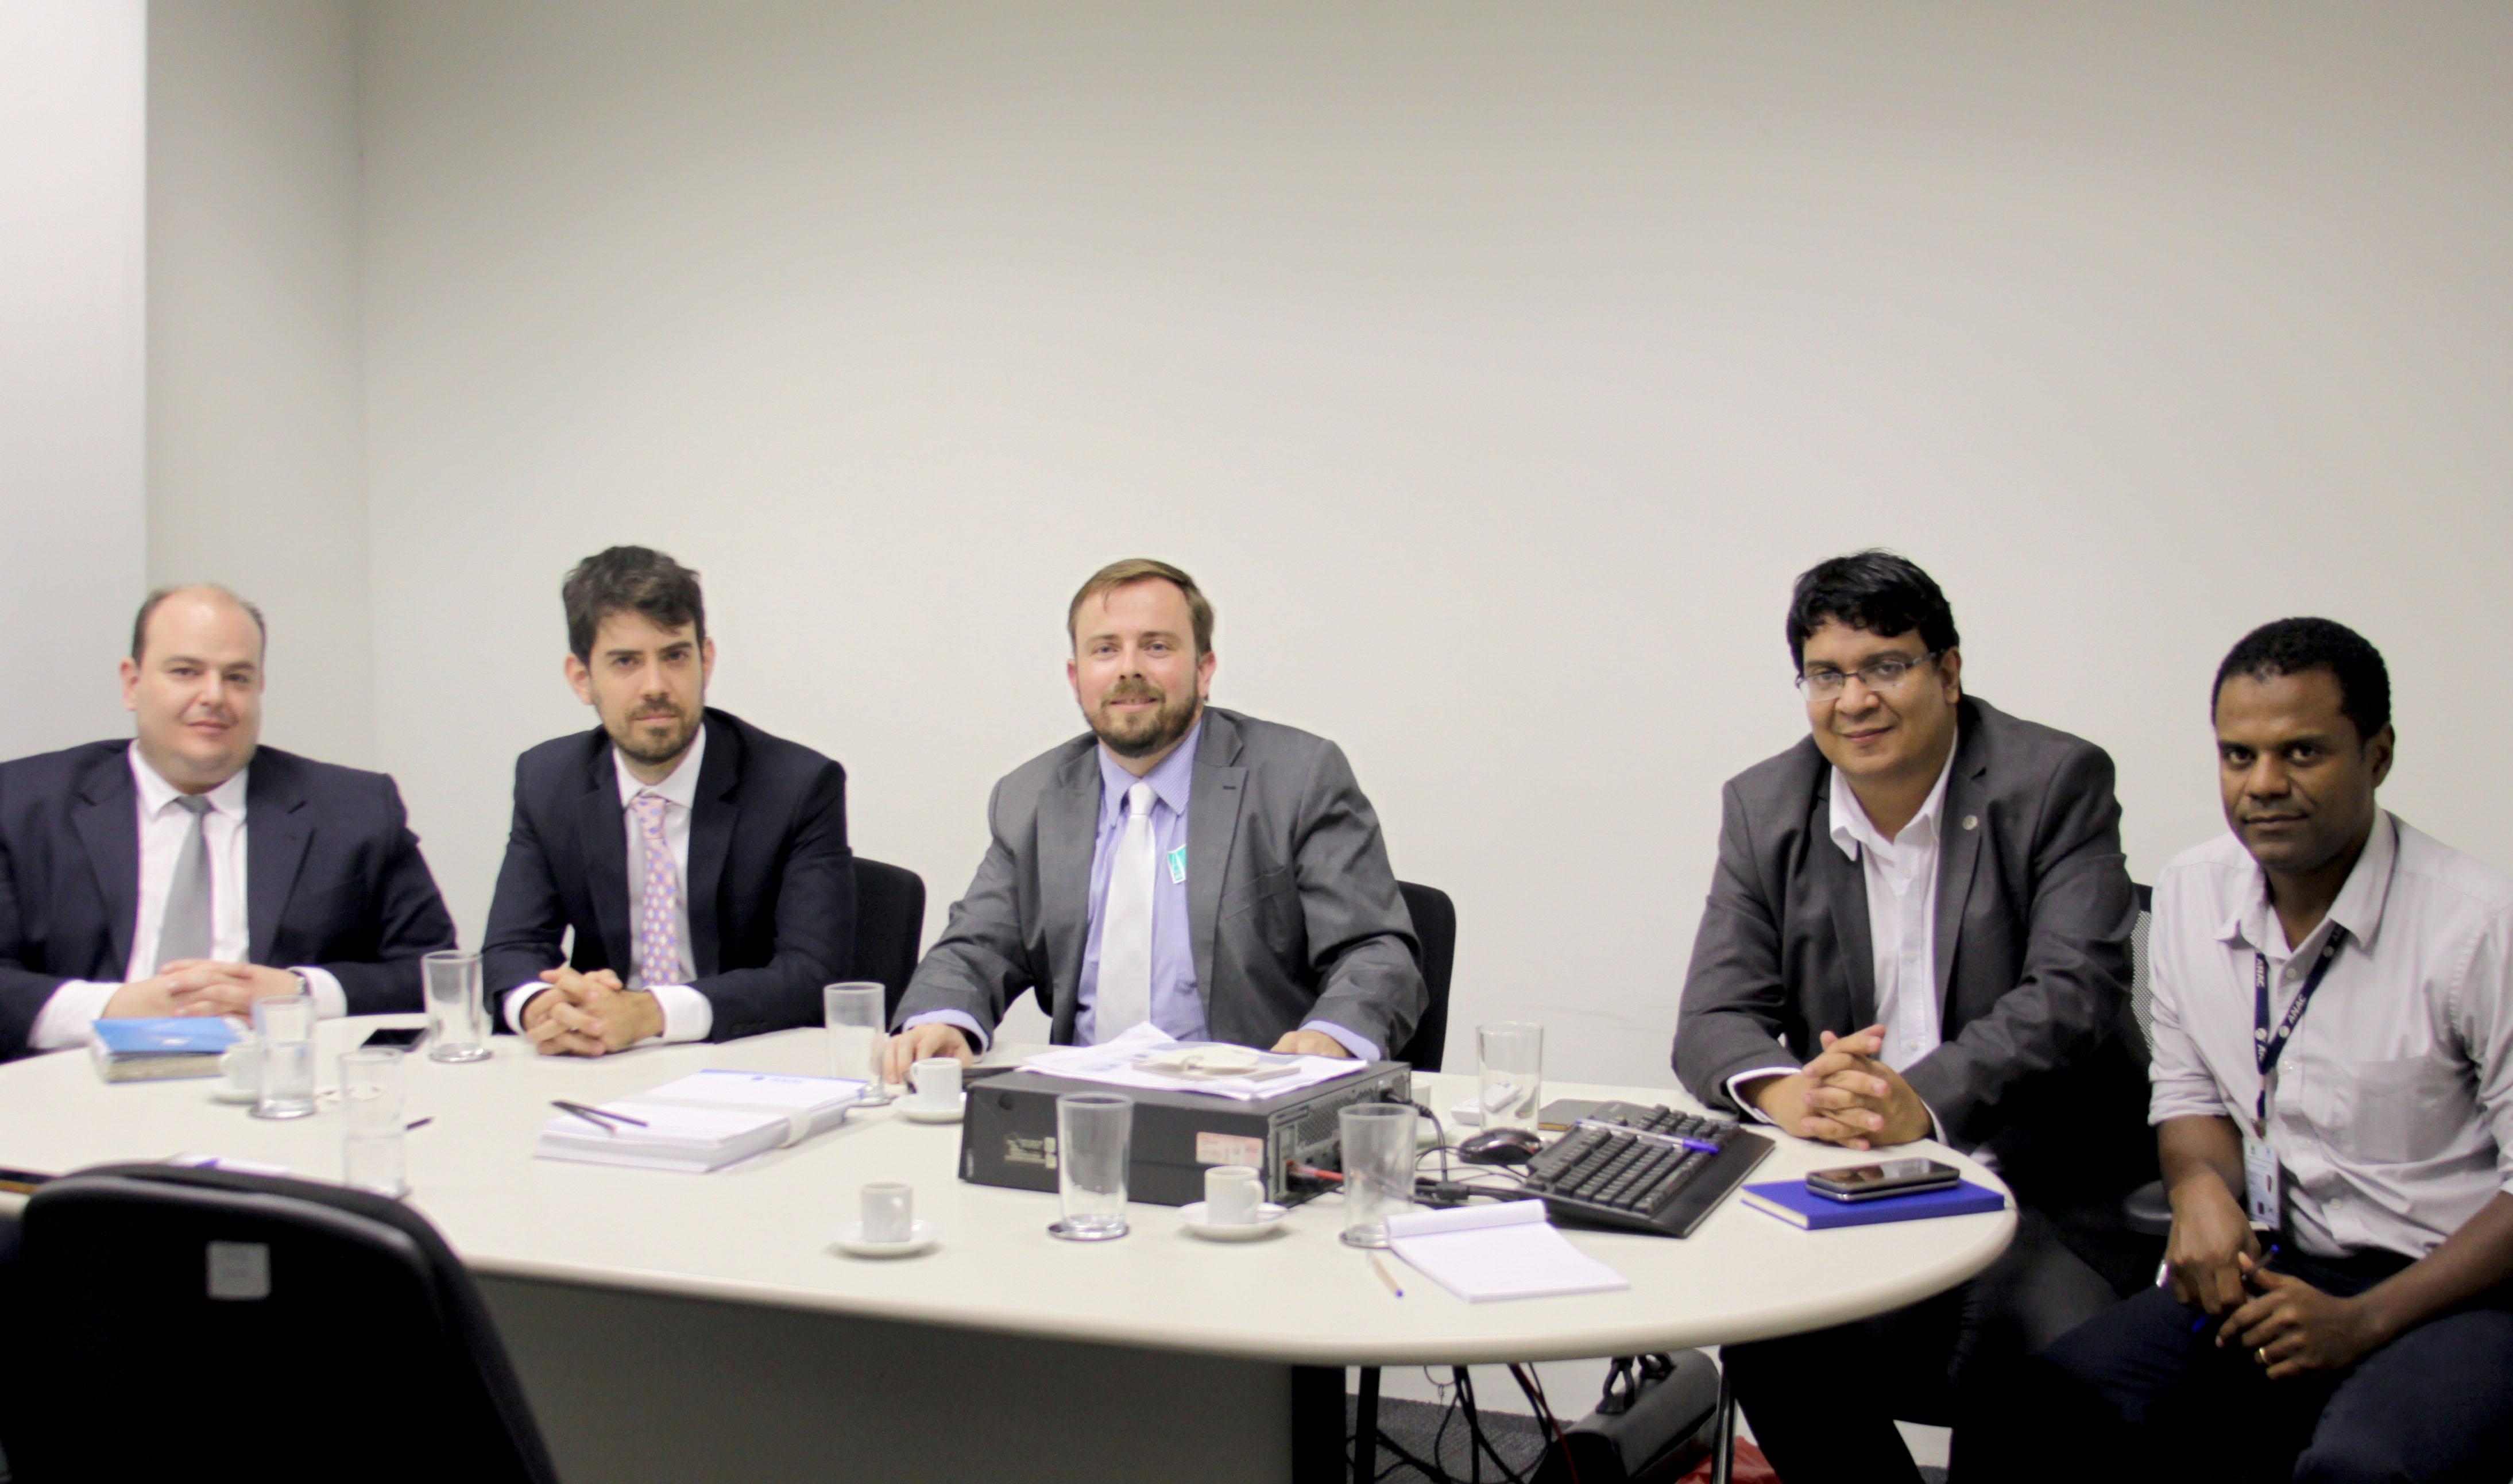 Anac e Sinagências se reúnem para discutir sobre Equipamentos de Proteção  Individual (EPI) 88a6f2d807